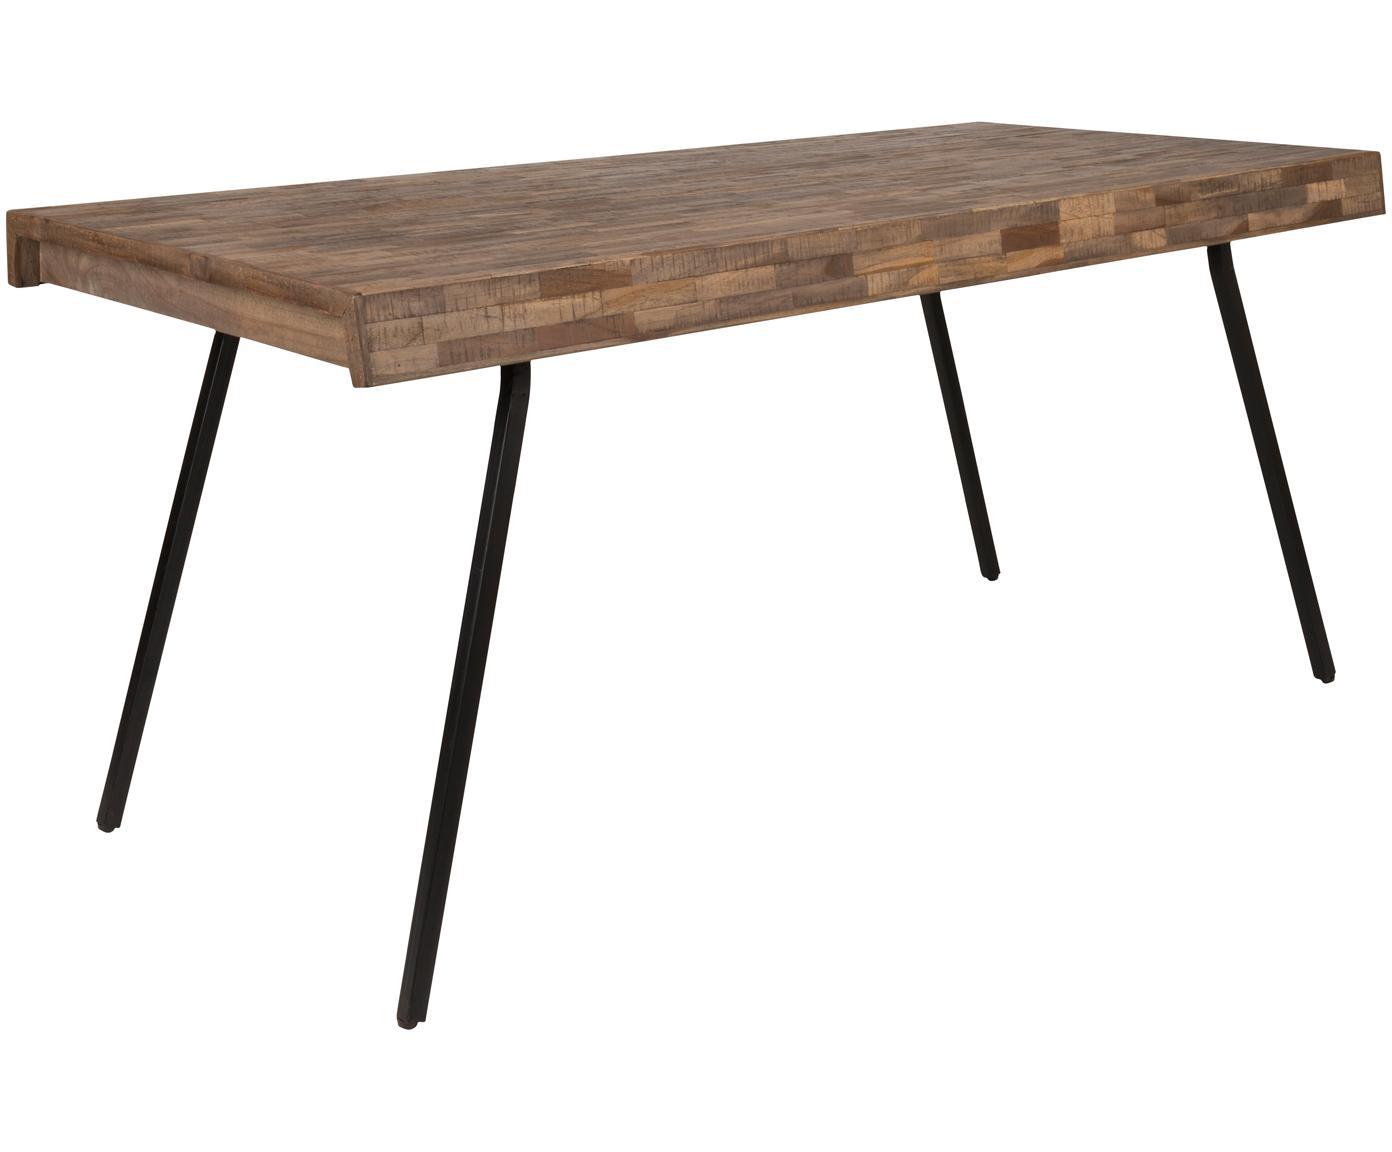 Eettafel Suri, Tafelblad: gerecycled teakhout, lich, Poten: staal, melamine bekleed, Tafelblad: Teakhout<br>Poten: Zwart, B 160 x D 78 cm